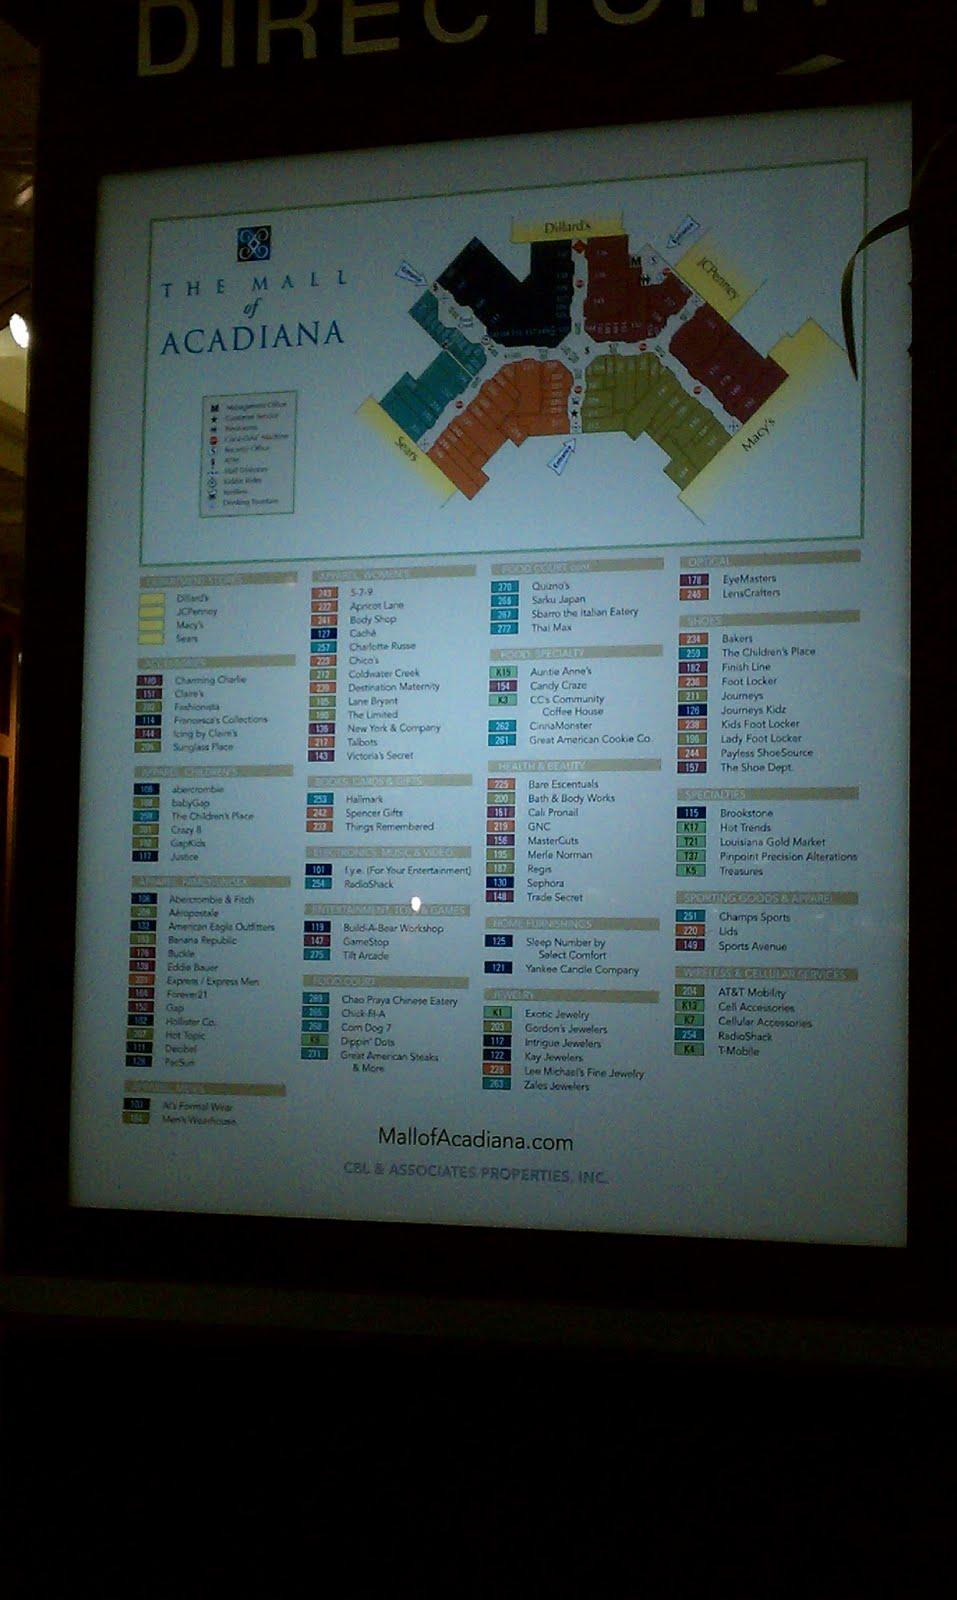 Mall Of Louisiana Directory : louisiana, directory, Louisiana, Texas, Retail, Blogspot:, November